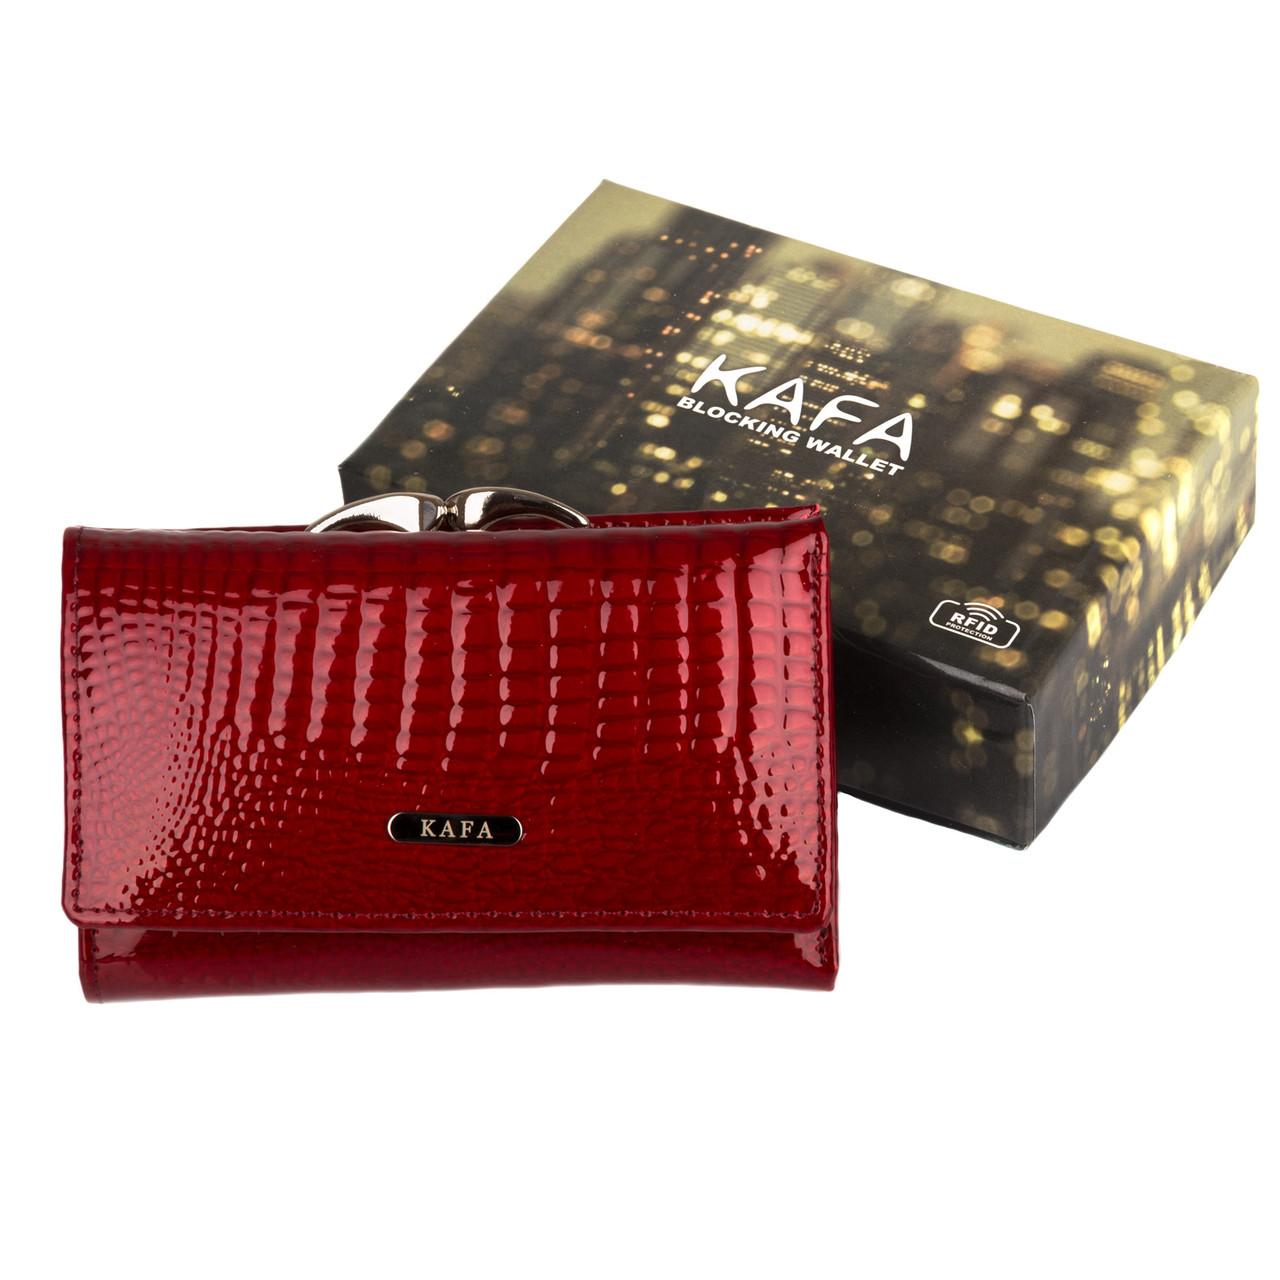 8a70621a05c8 Кошелек женский кожаный Kafa RFID AE214 красный: продажа, цена в ...